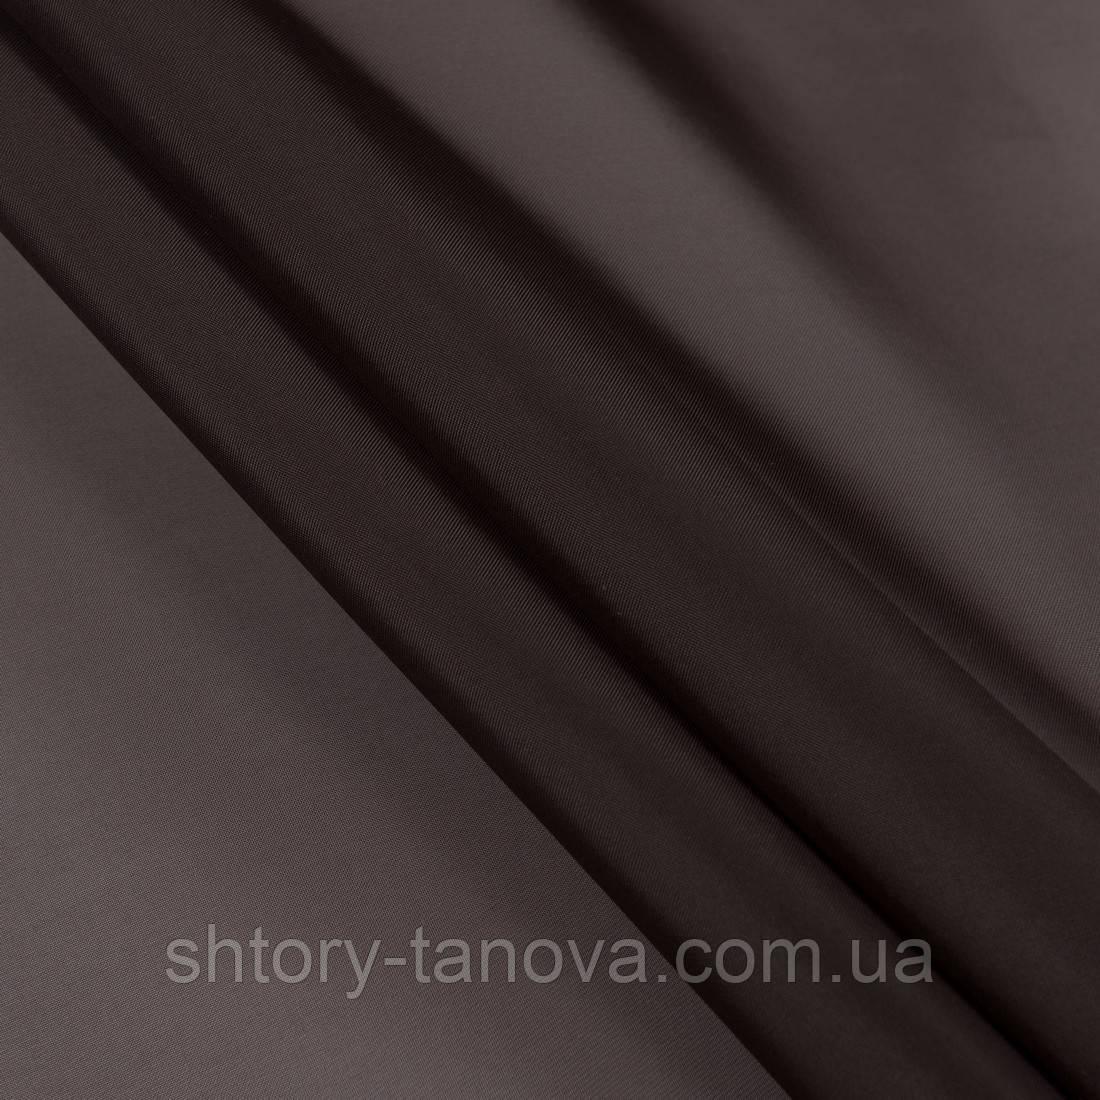 Тюль вуаль черный шоколад